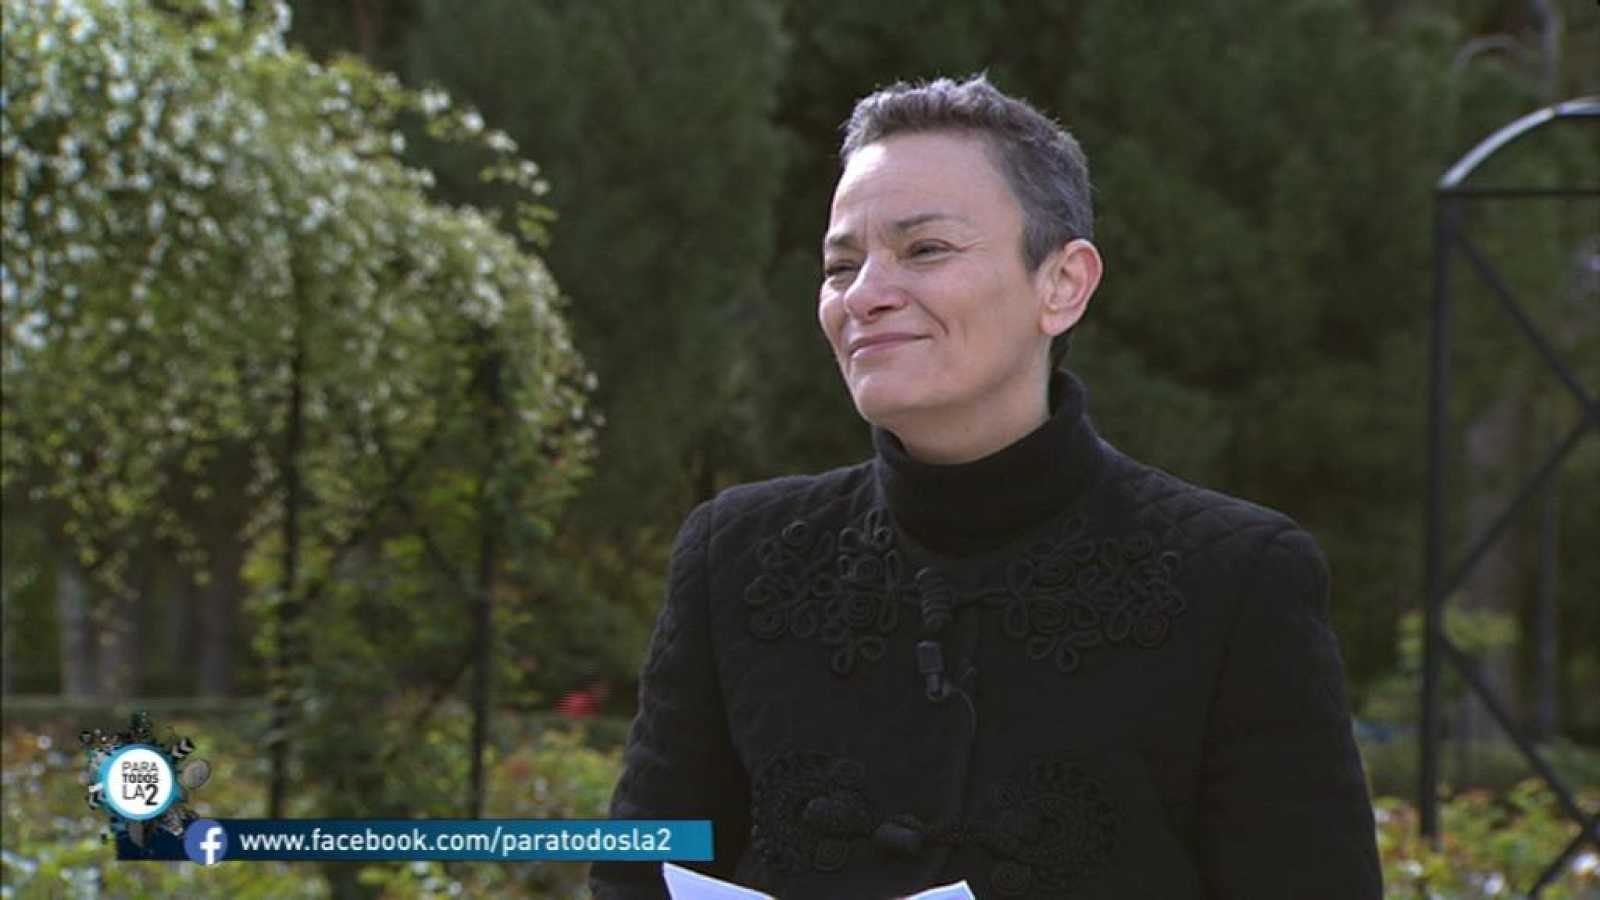 Para Todos La 2 -  Antonella Broglia nos cuenta la historia de Mafalda Soto